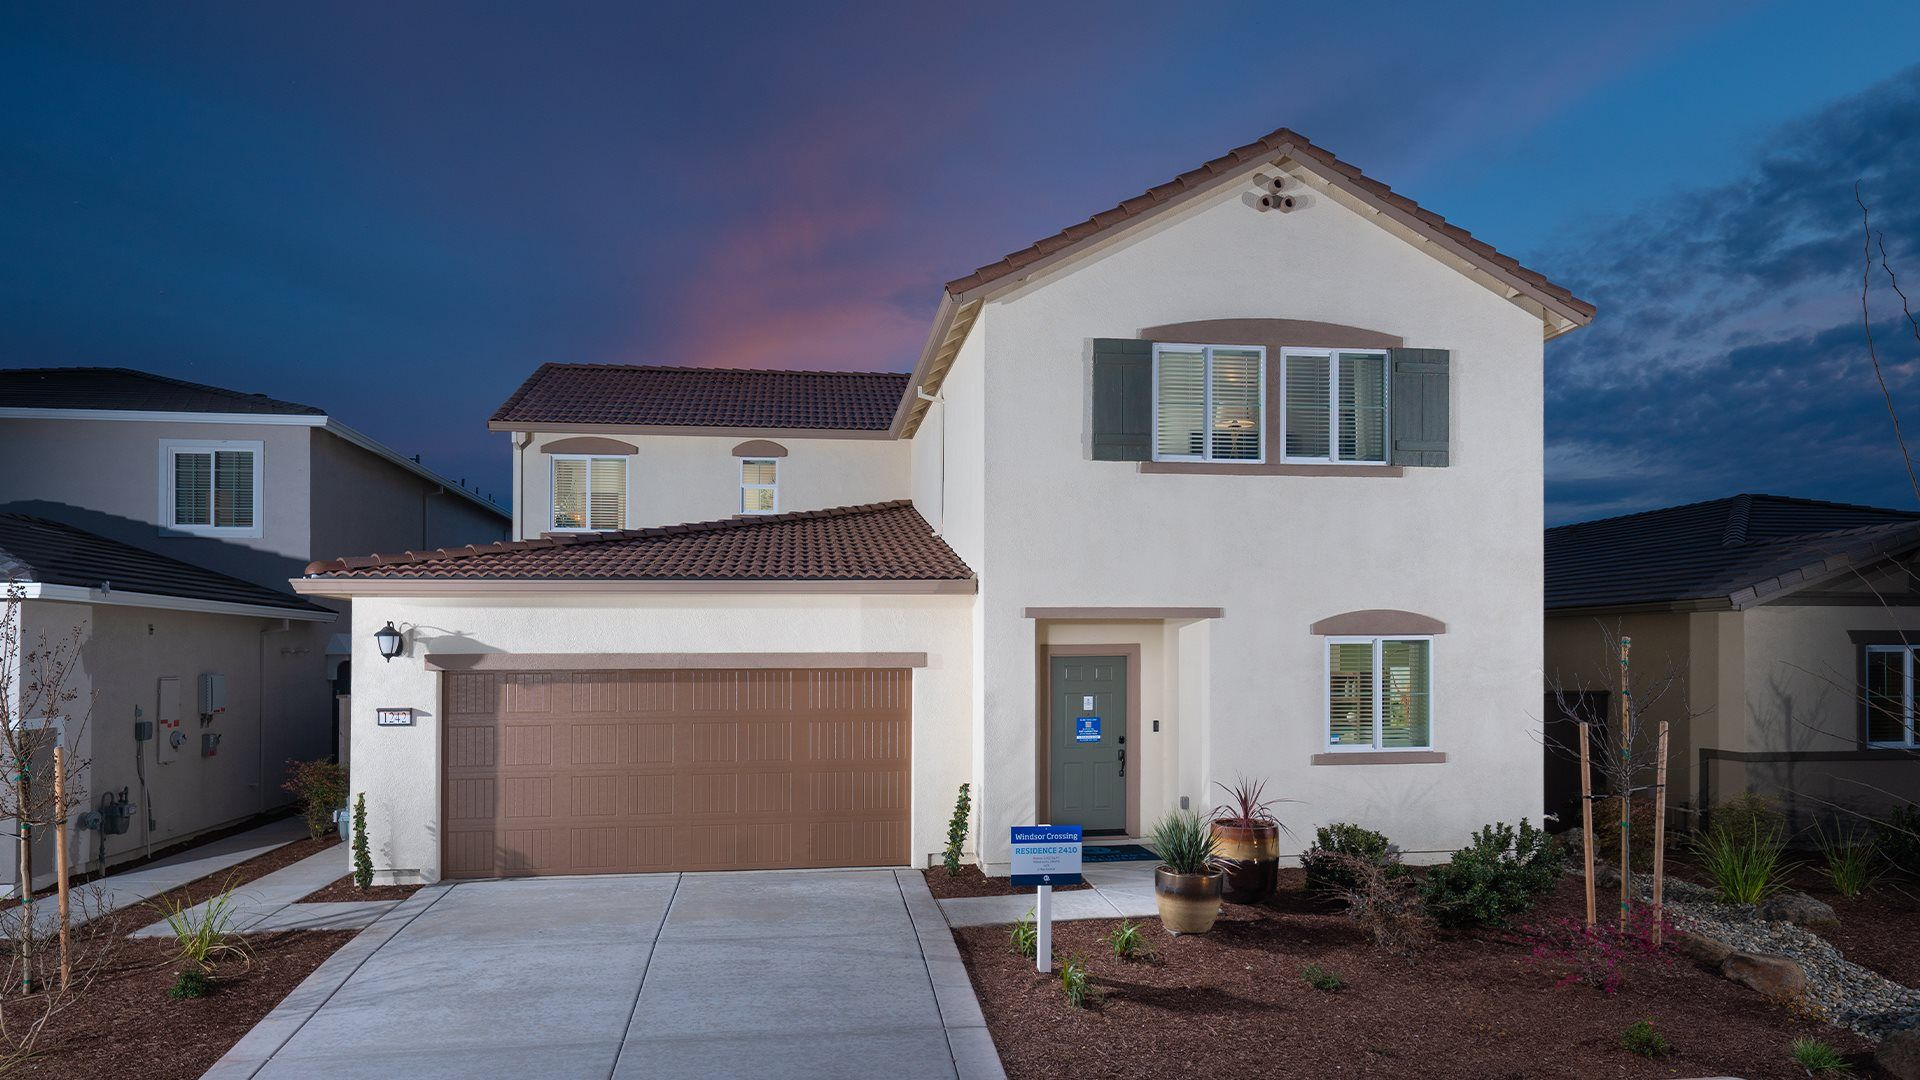 Residence 2410 | Model Home